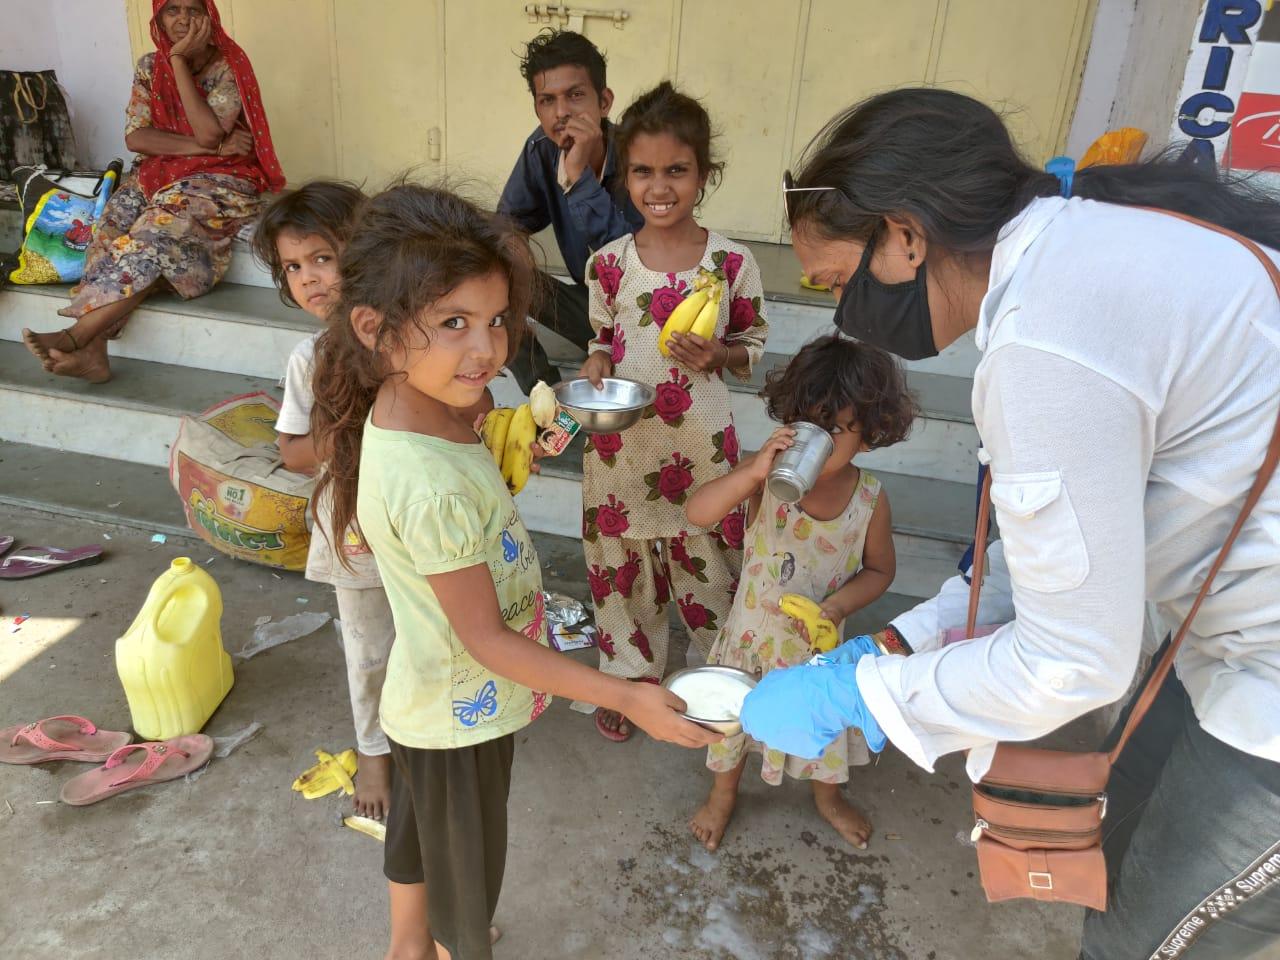 shaktiben giving food to poor children